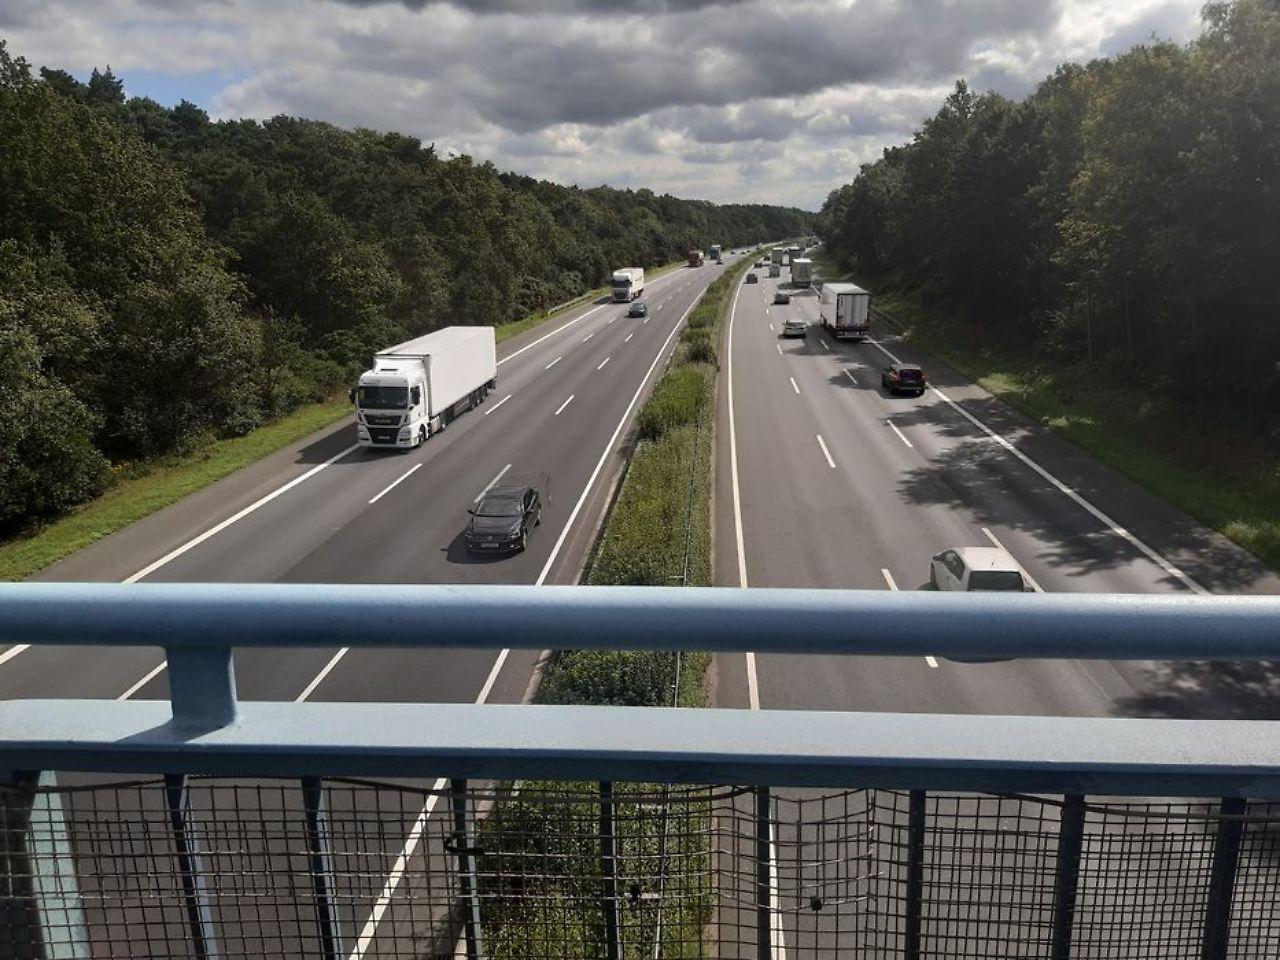 Unter der Brücke liegt die sechsspurige A2. Quelle: Antenne Niedersachsen / Jana Niebuhr